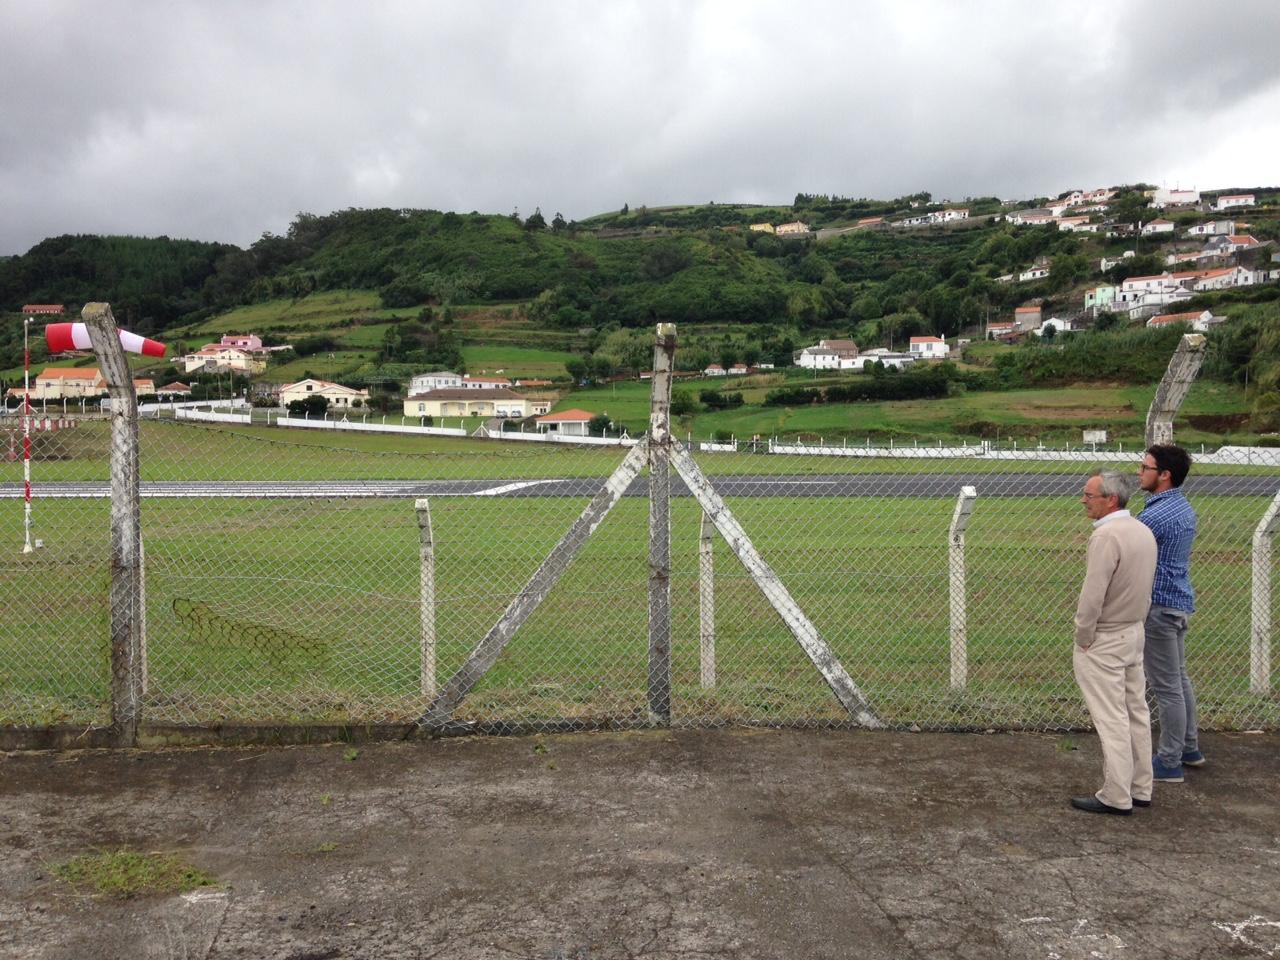 A 4 de Outubro há que escolher entre a iniciativa privada ou a via socialista que aumenta despesa pública e impostos, alerta Félix Rodrigues